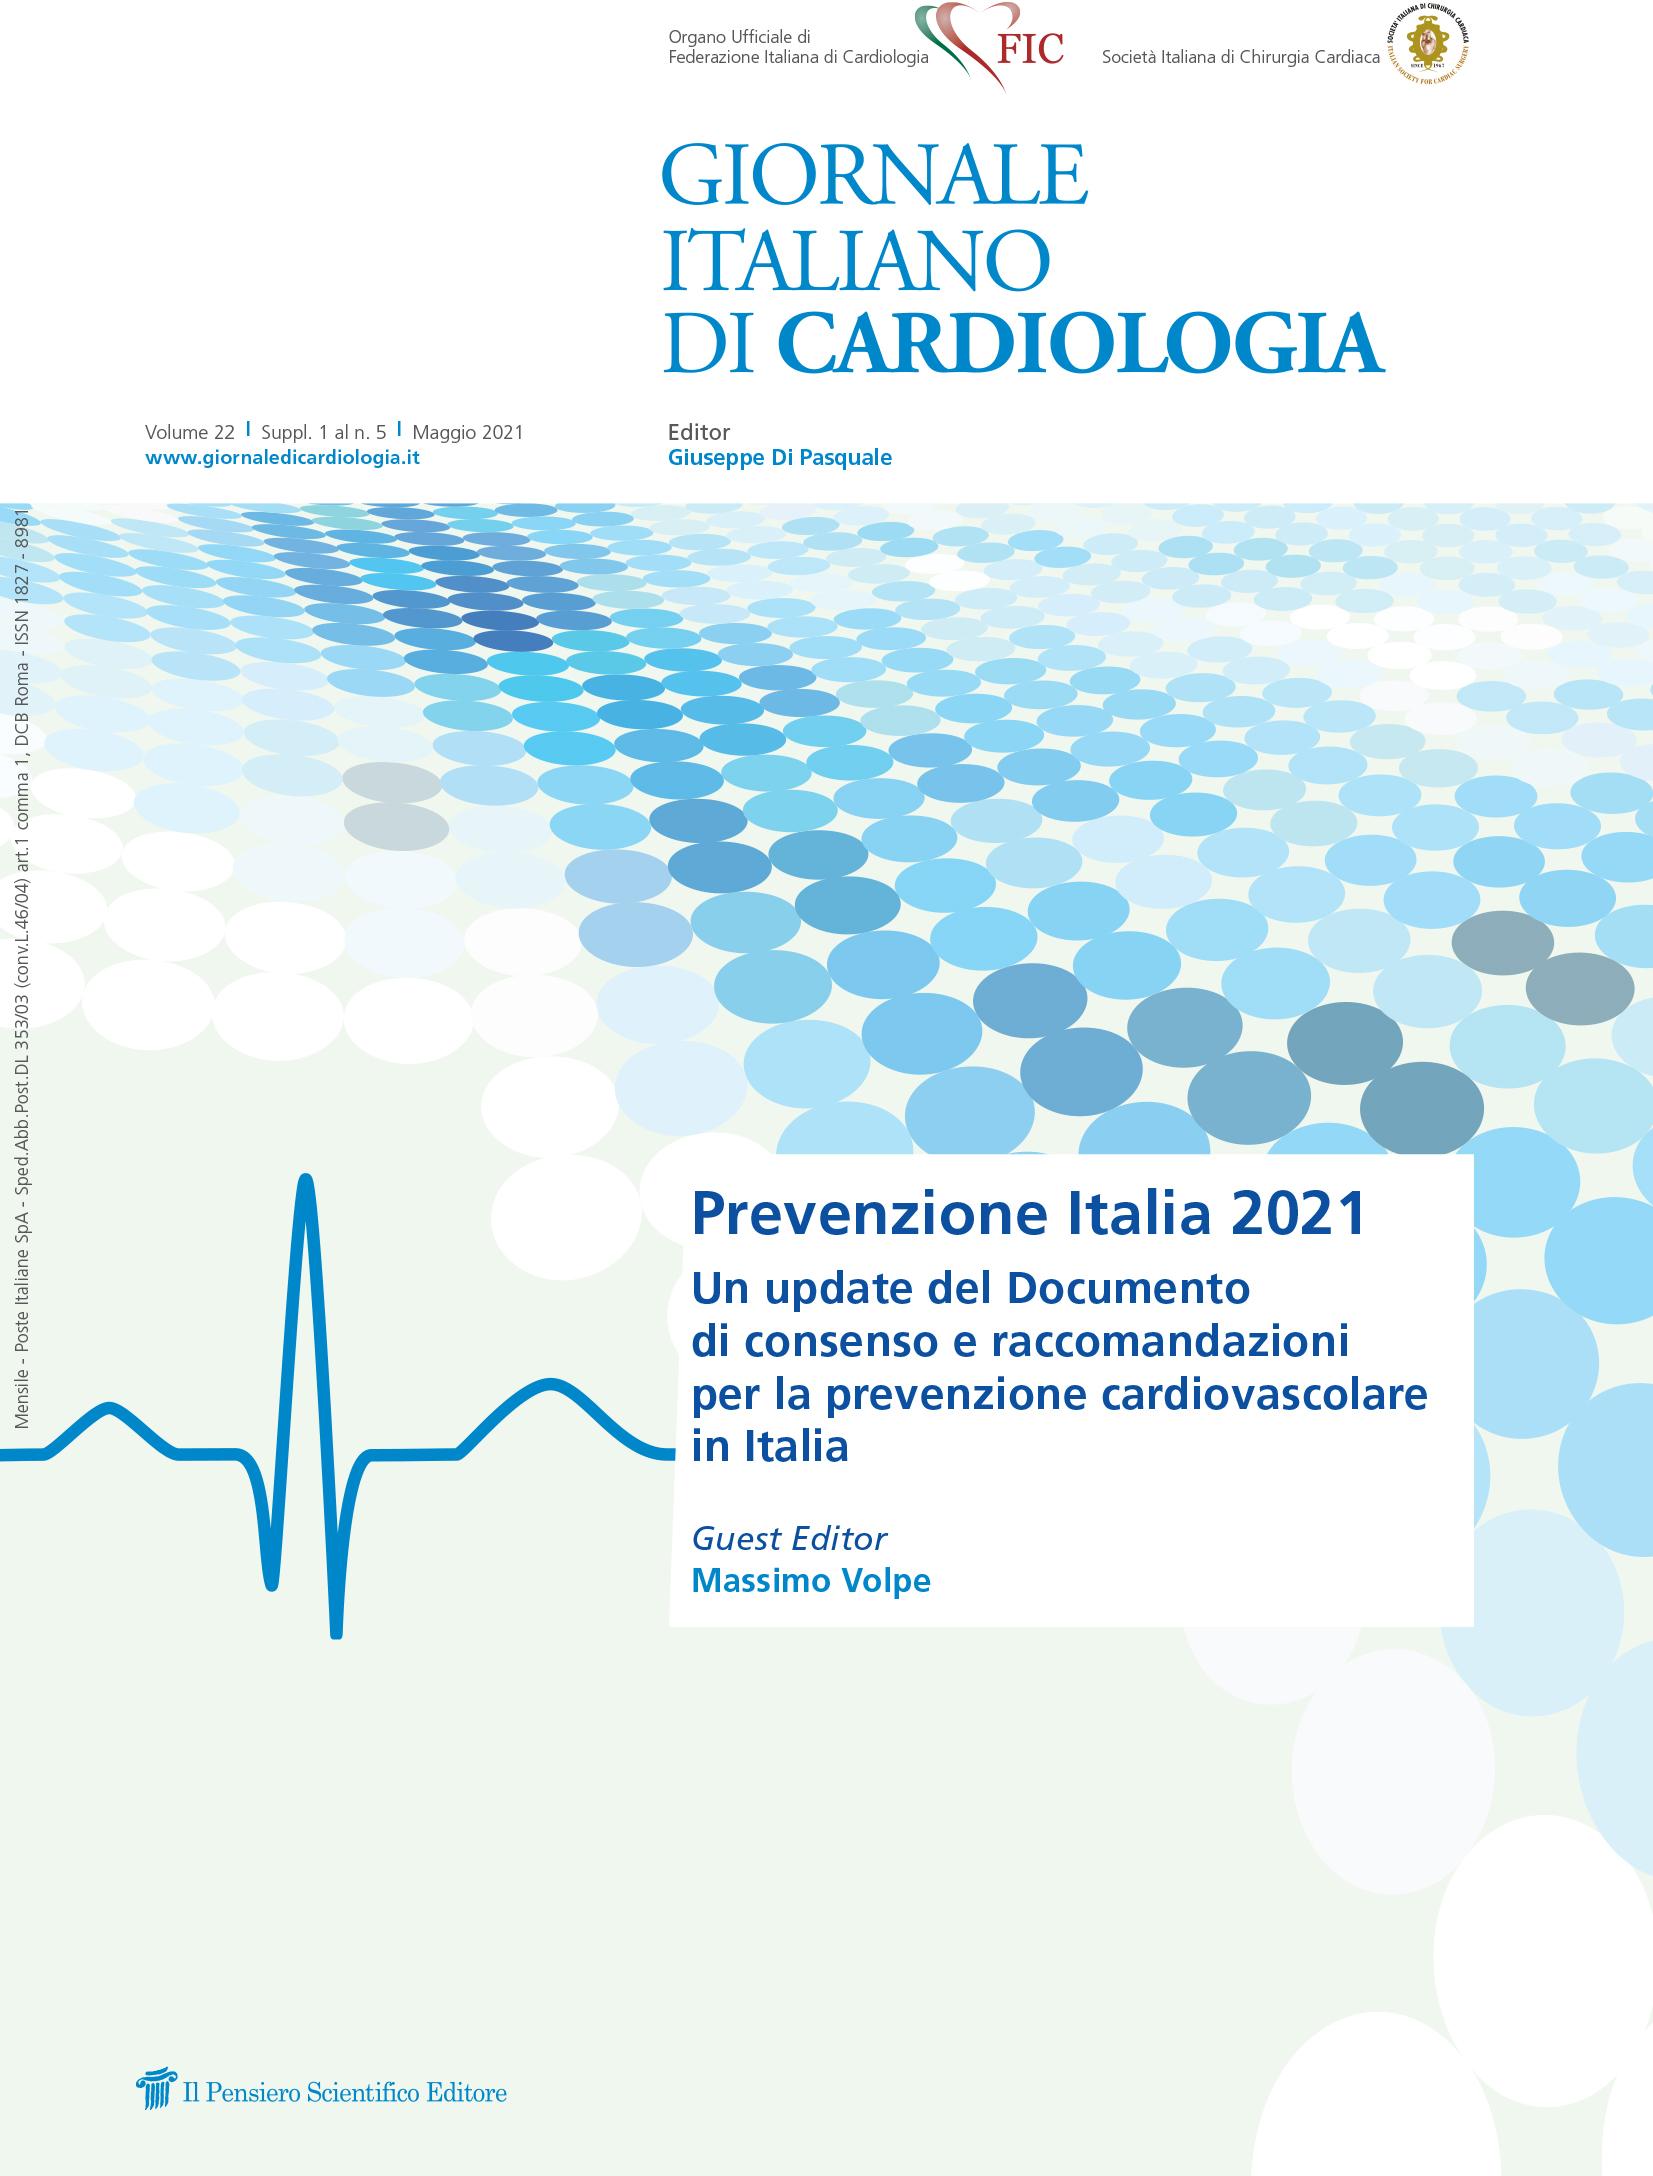 2021 Vol. 22 Suppl. 1 al N. 5 MaggioPrevenzione Italia 2021